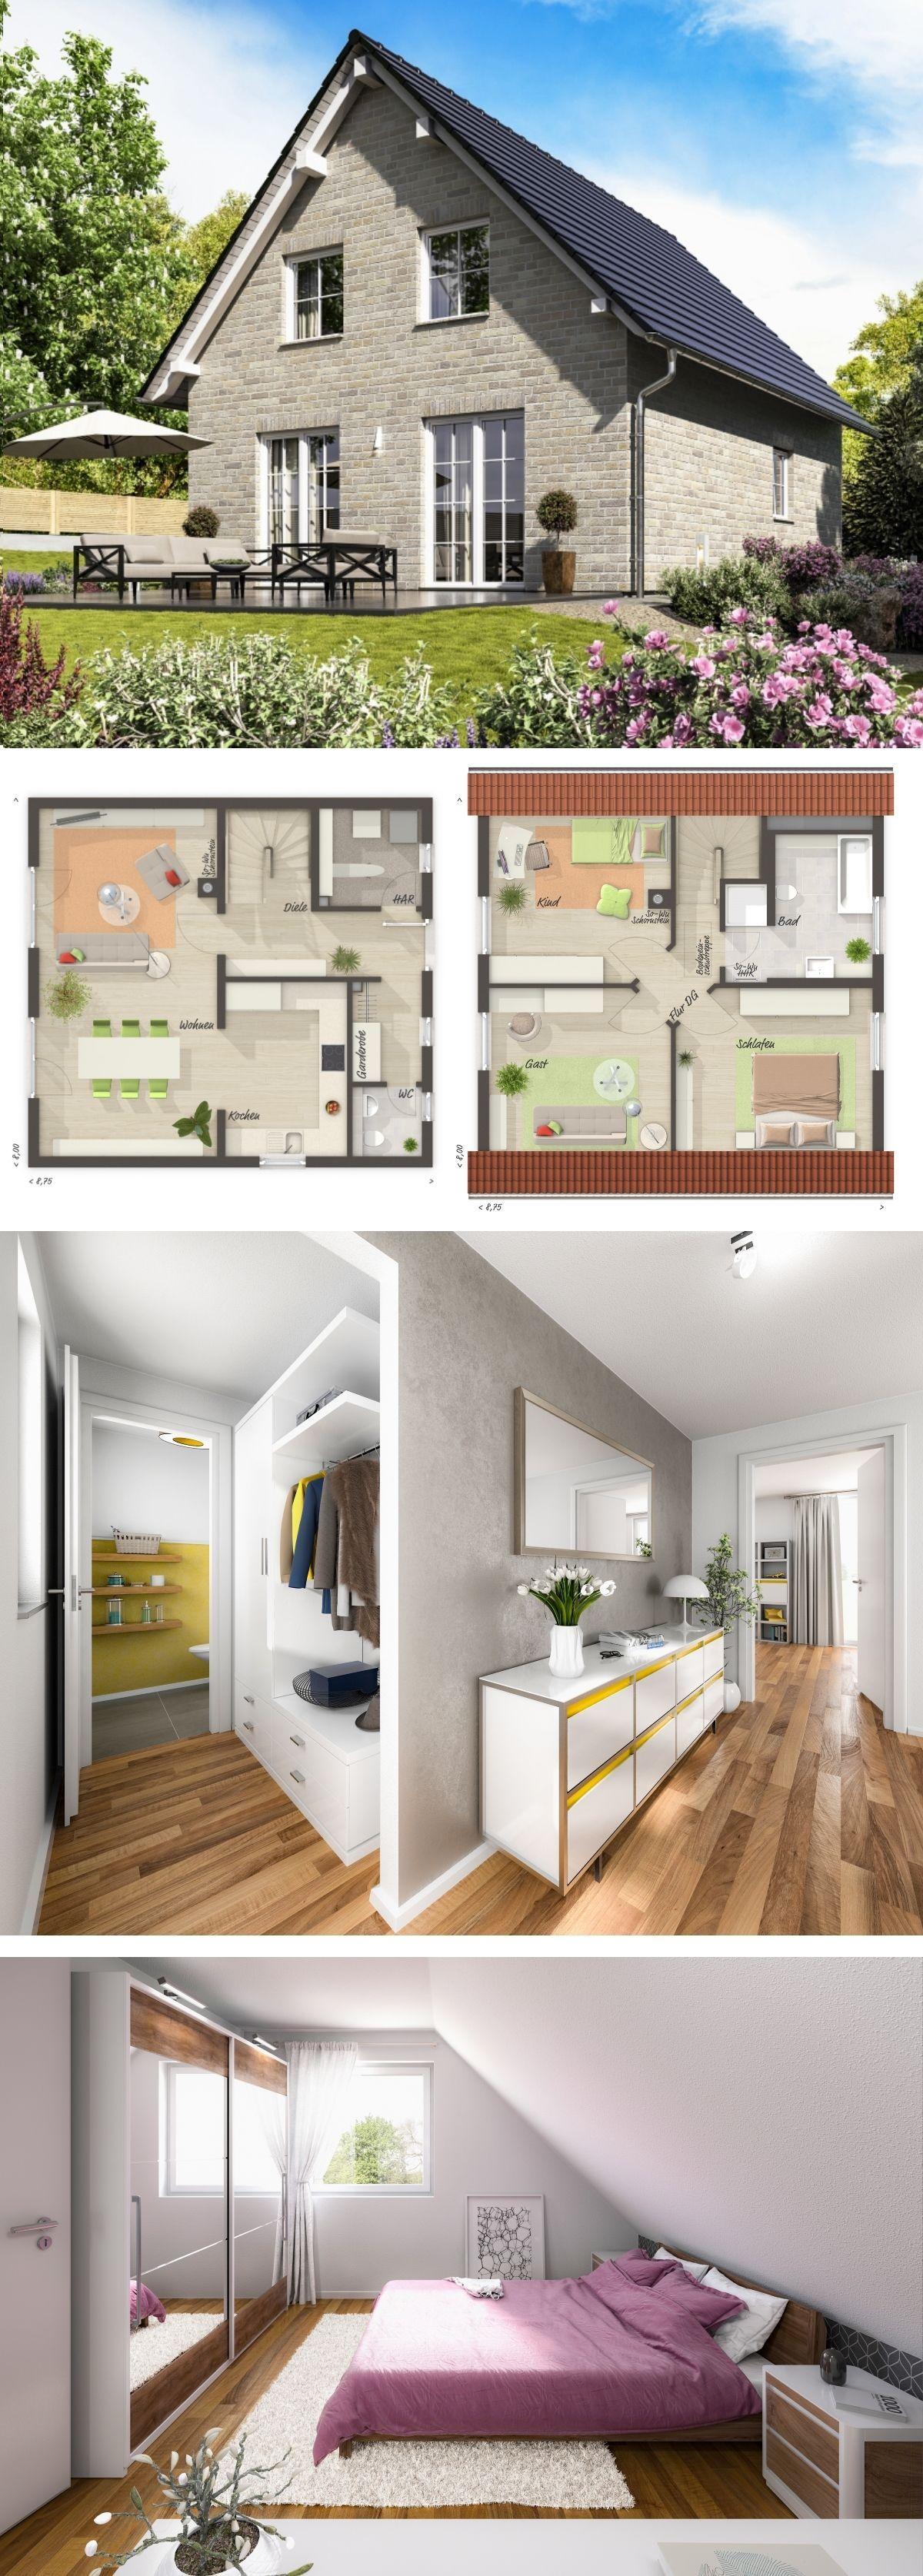 Einfamilienhaus Neubau Modern Im Landhausstil Mit Satteldach Architektur U0026  Klinker Fassade Grau   Schlüsselfertiges Massivhaus Bauen